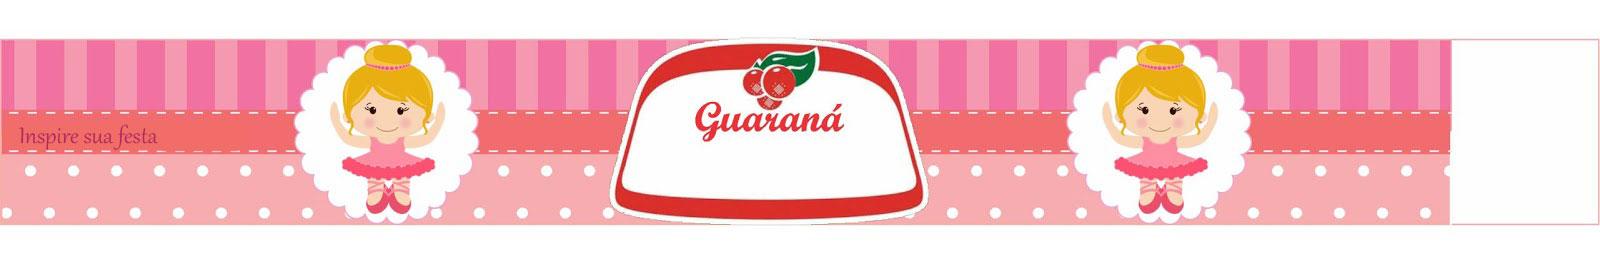 rotulo guarana bailarina gratuito 4